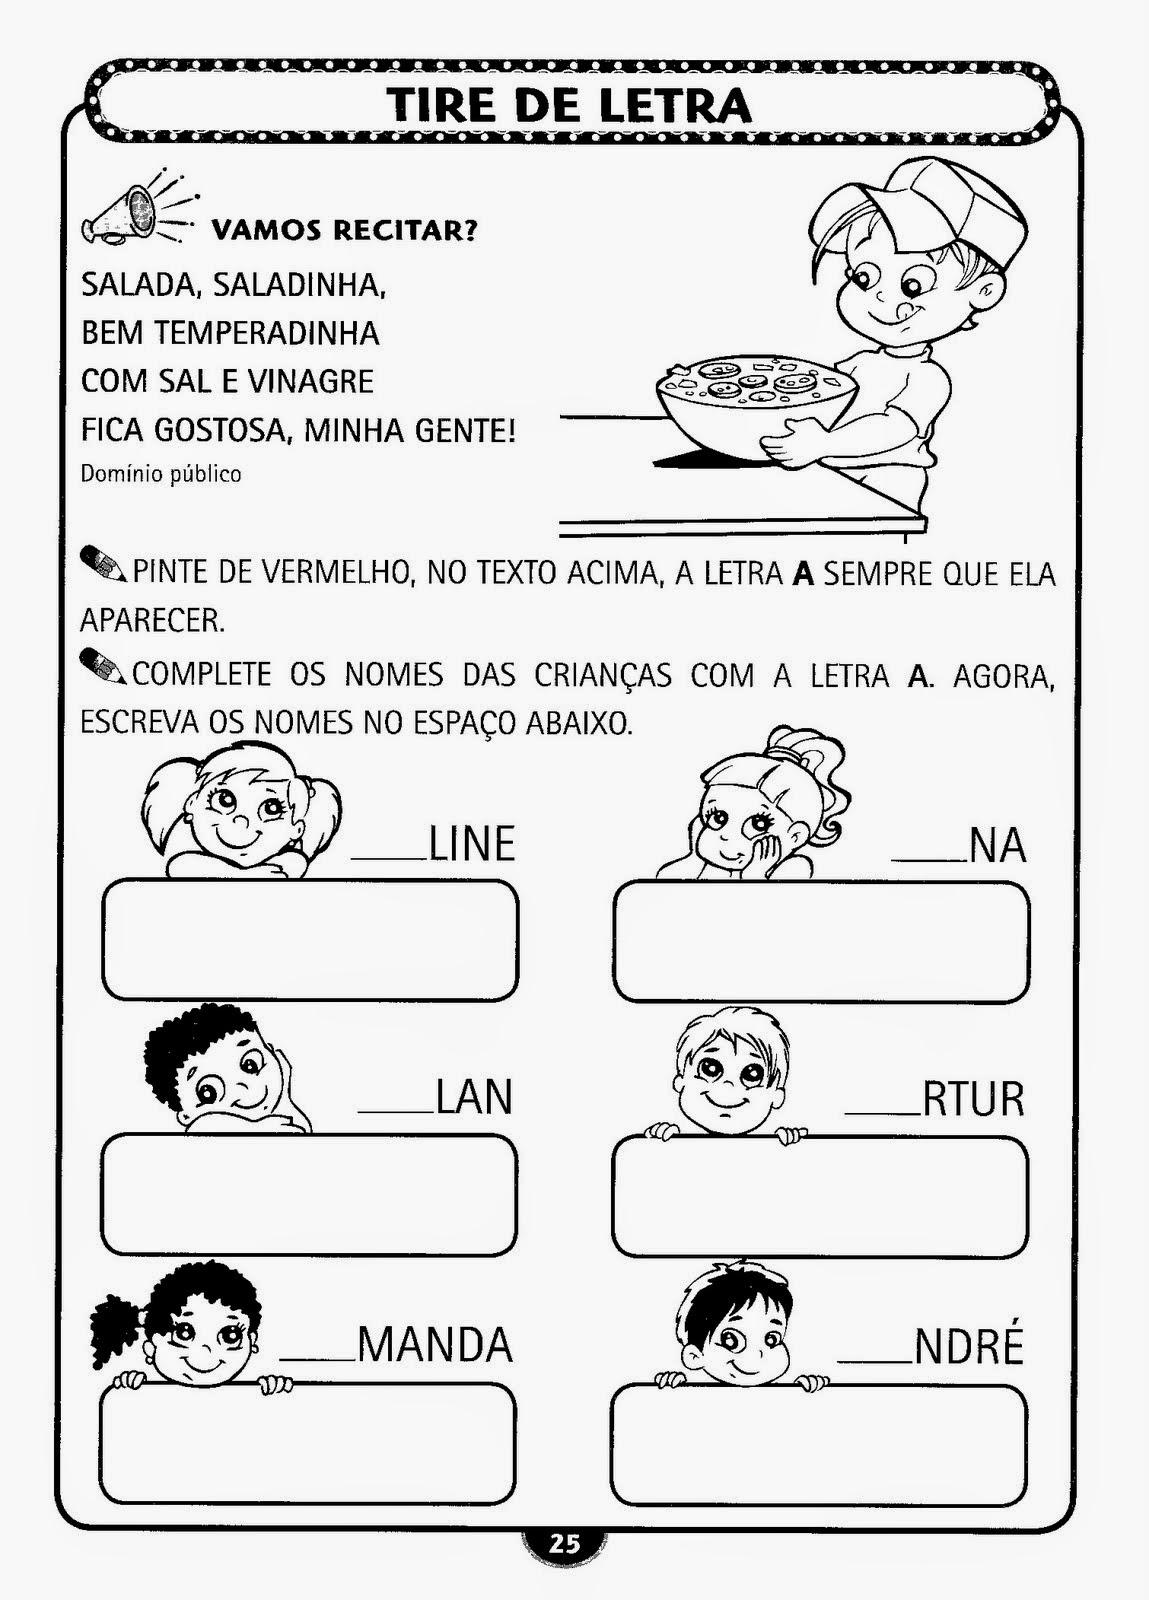 Espanhol para iniciantes online dating 9